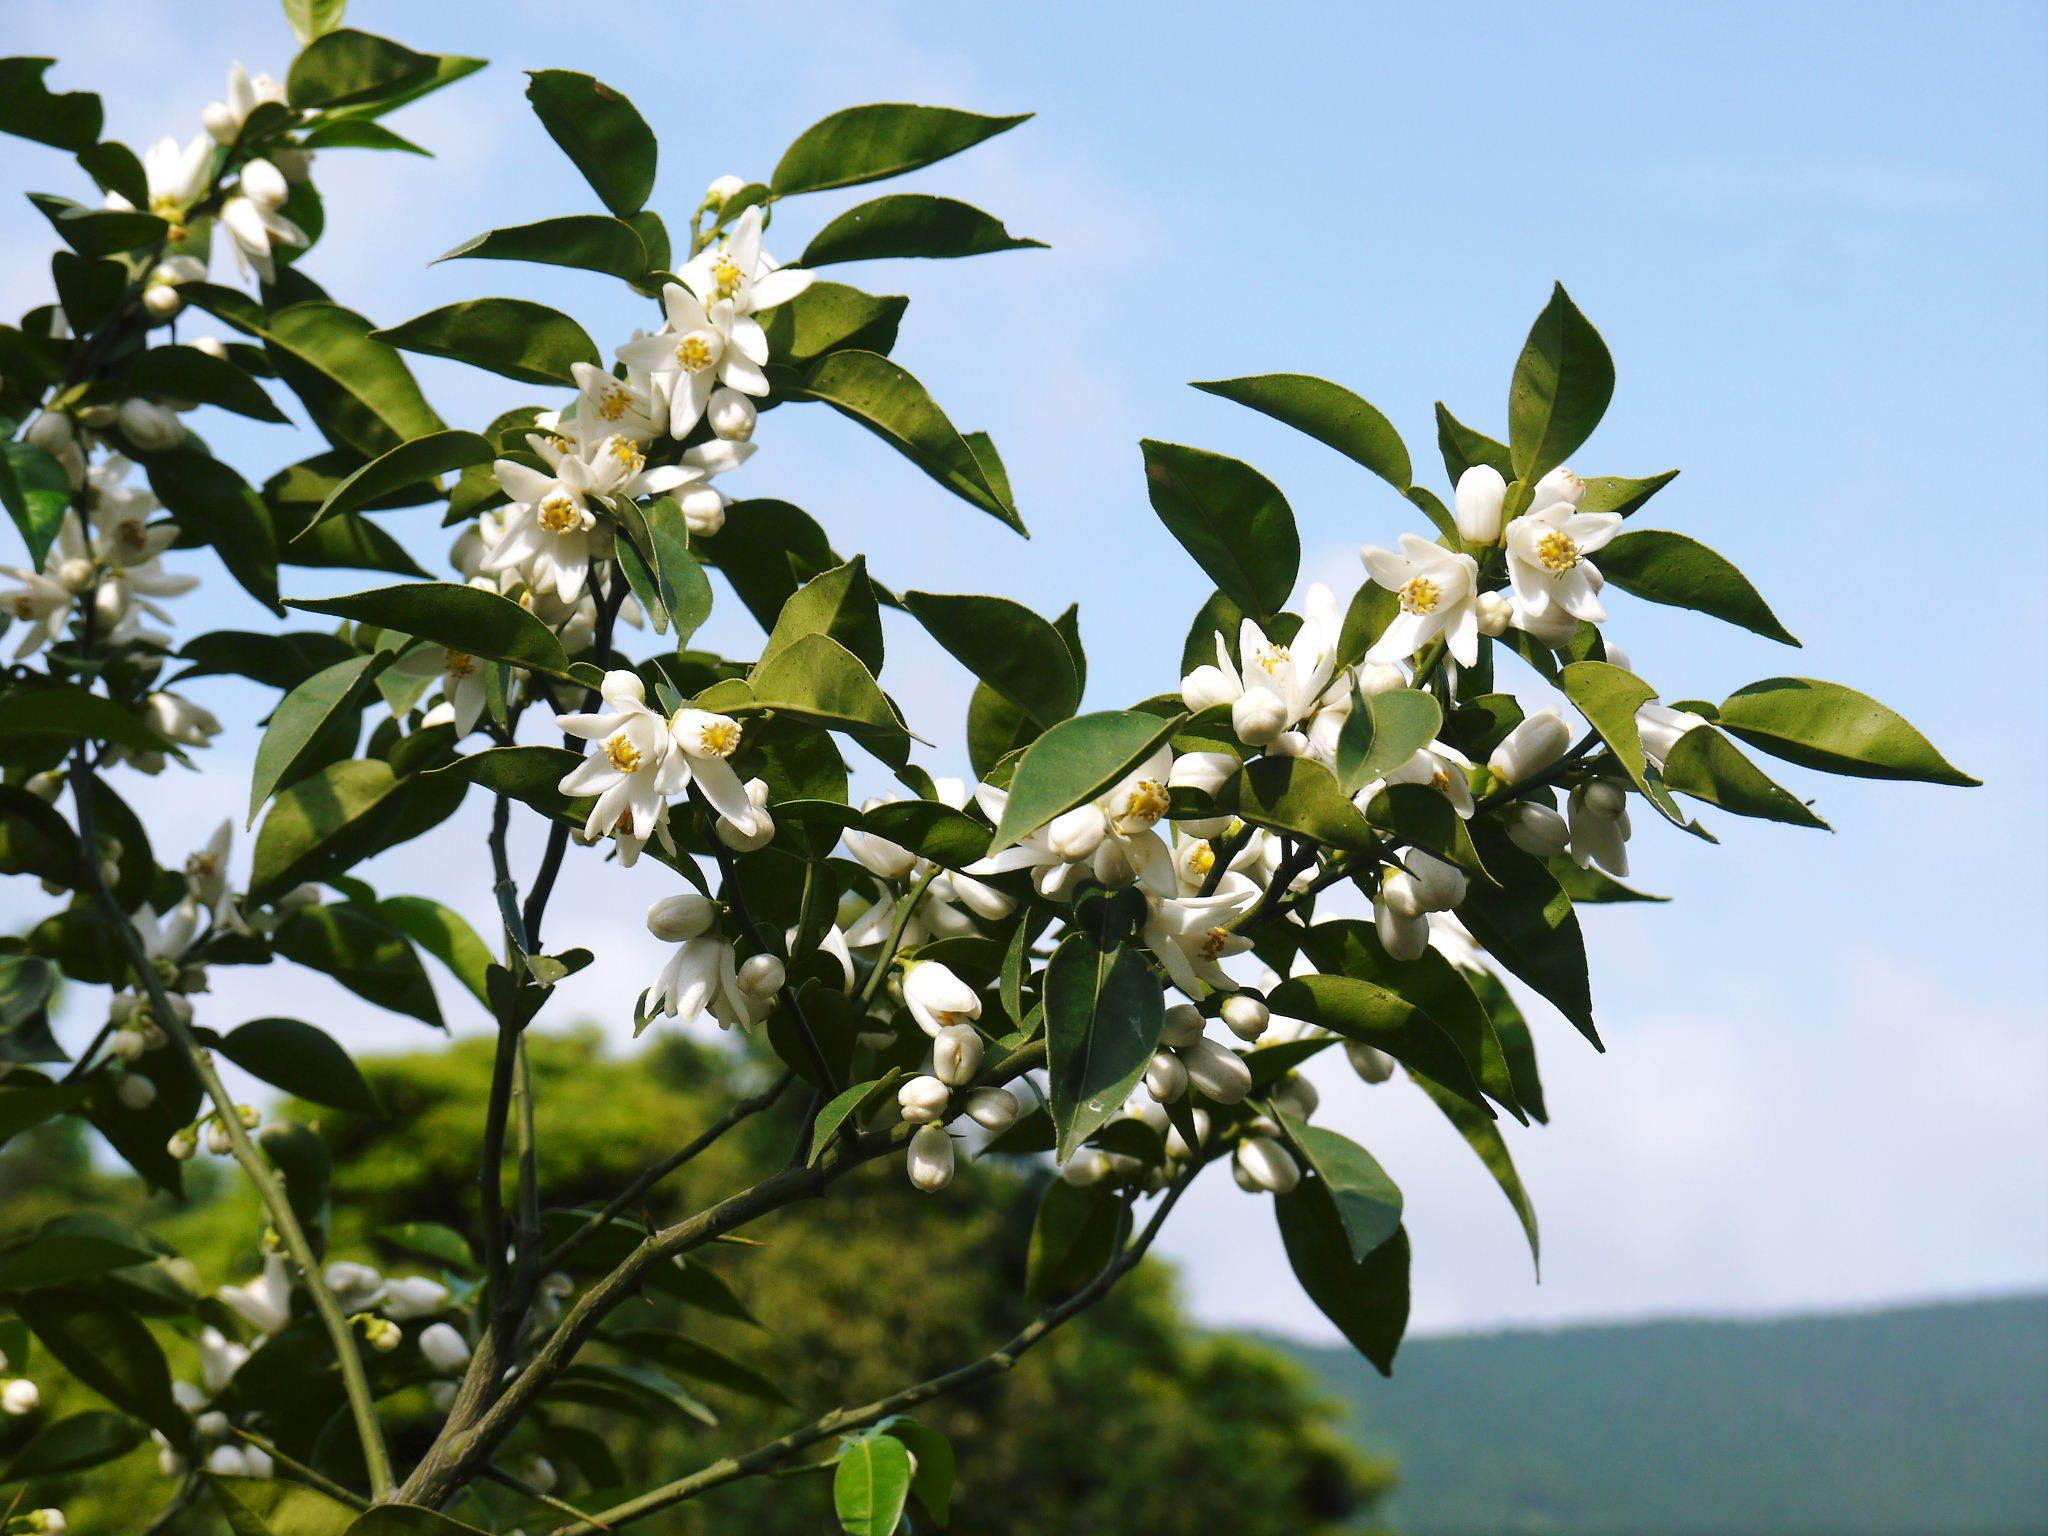 香り高き柚子(ゆず) 今年も元気な花が咲き誇ってます!柚子の花(2020)_a0254656_18570830.jpg